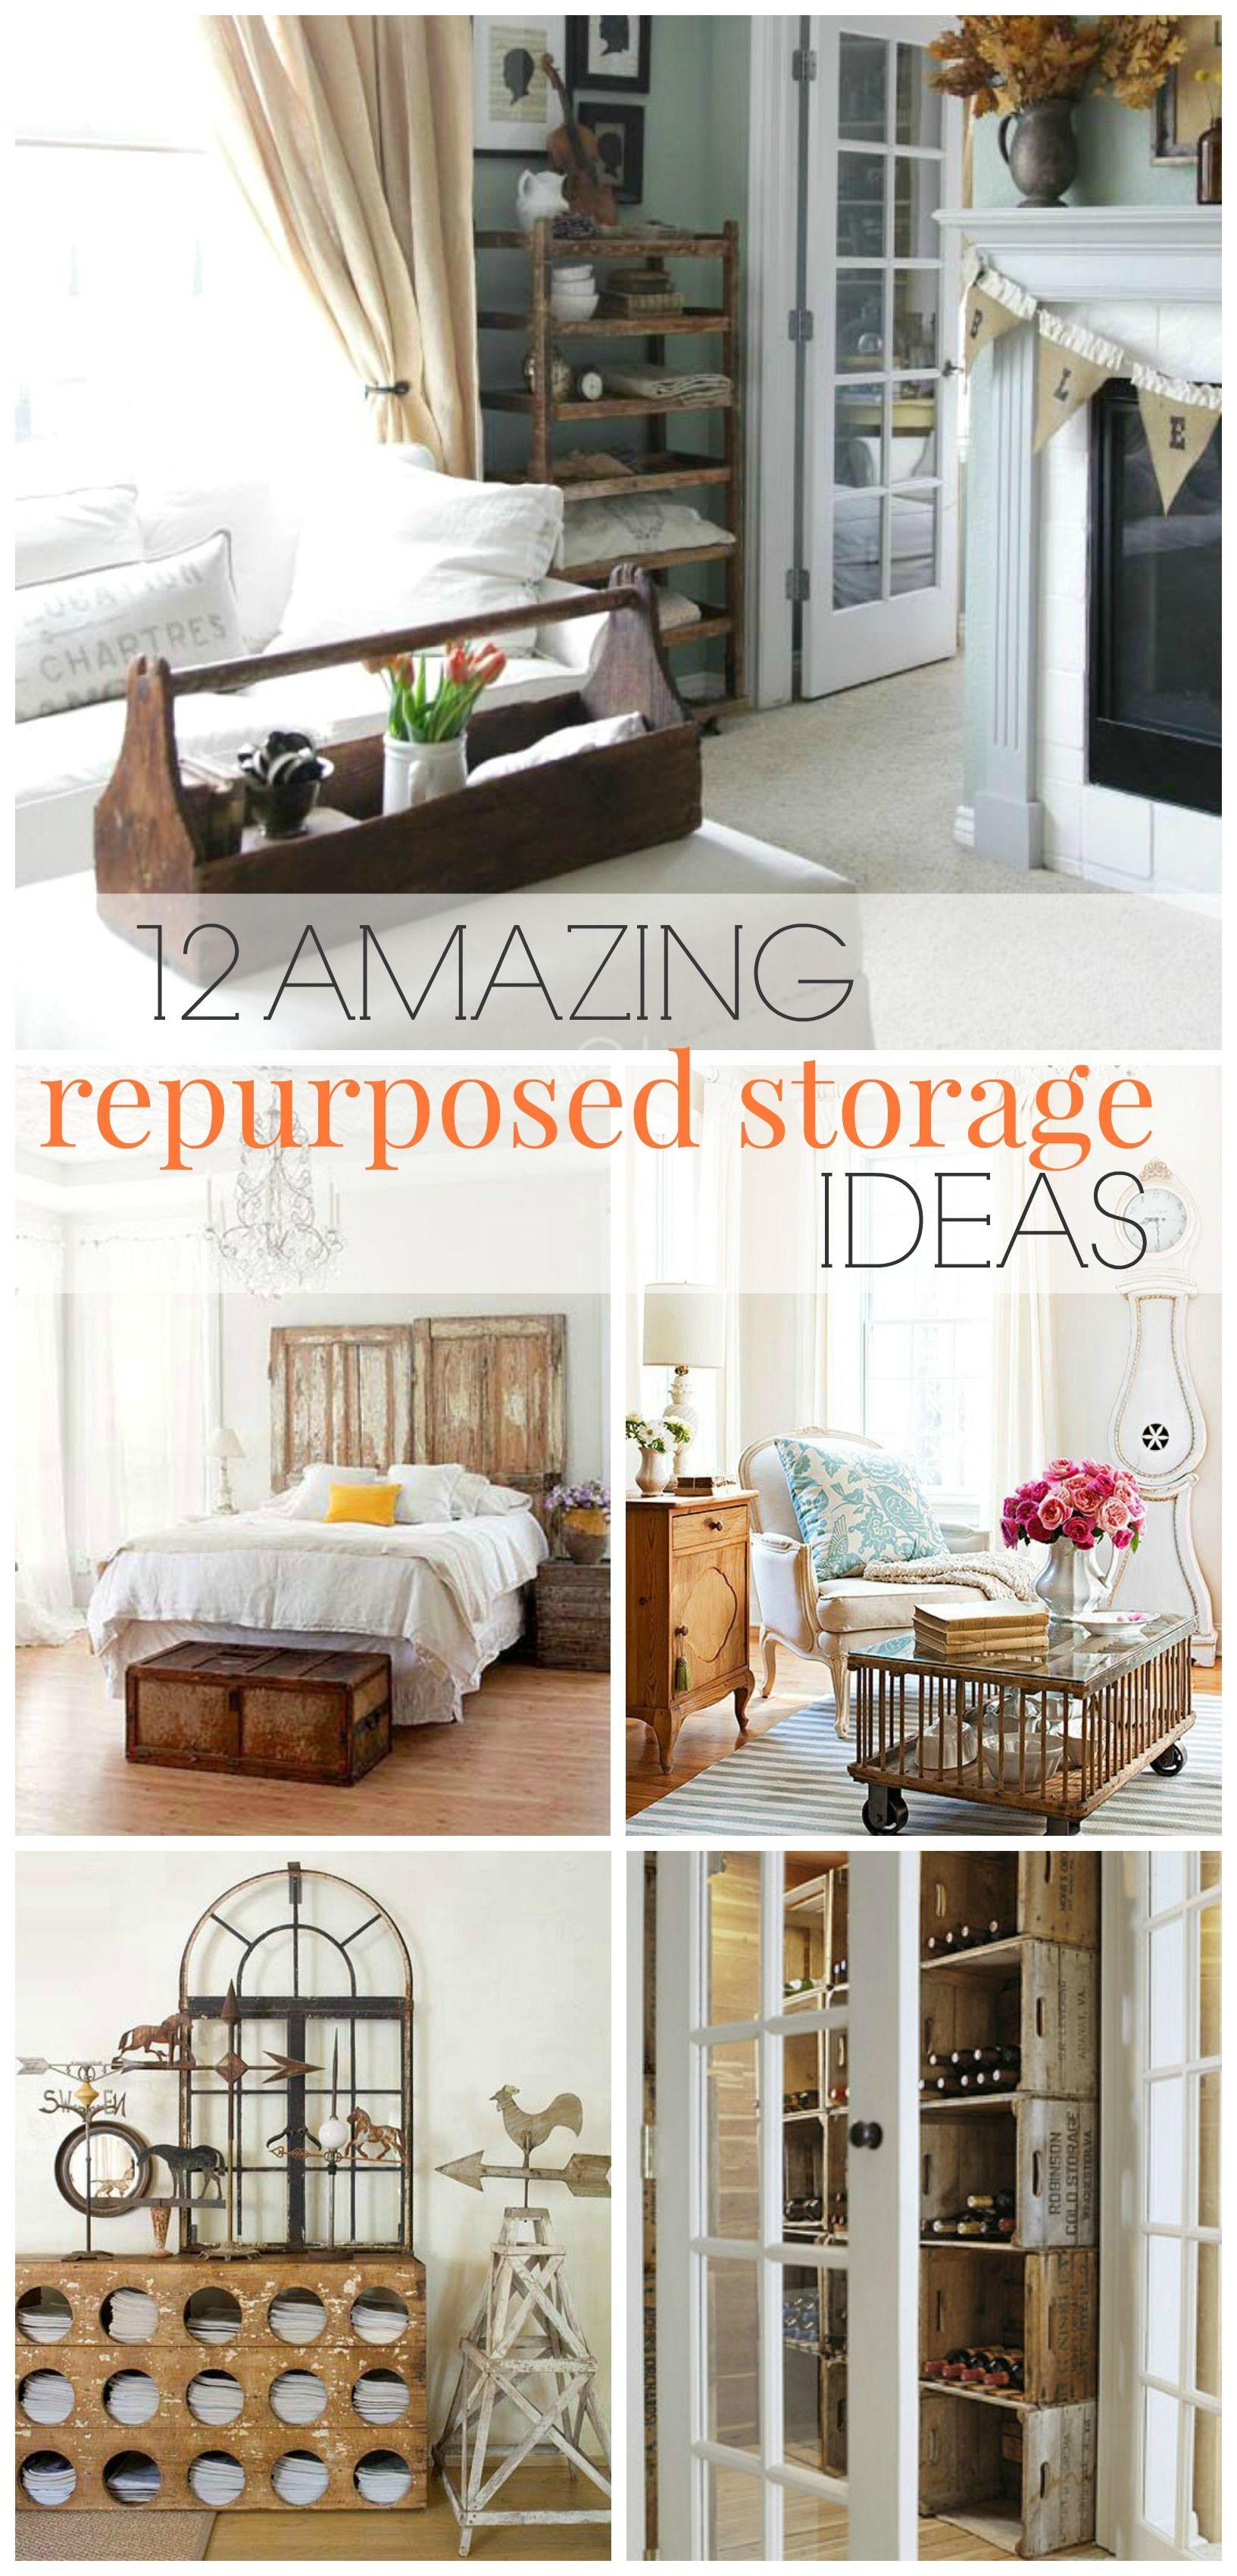 From Flea Market Find to Savvy Storage   Storage ideas, Repurposed ...